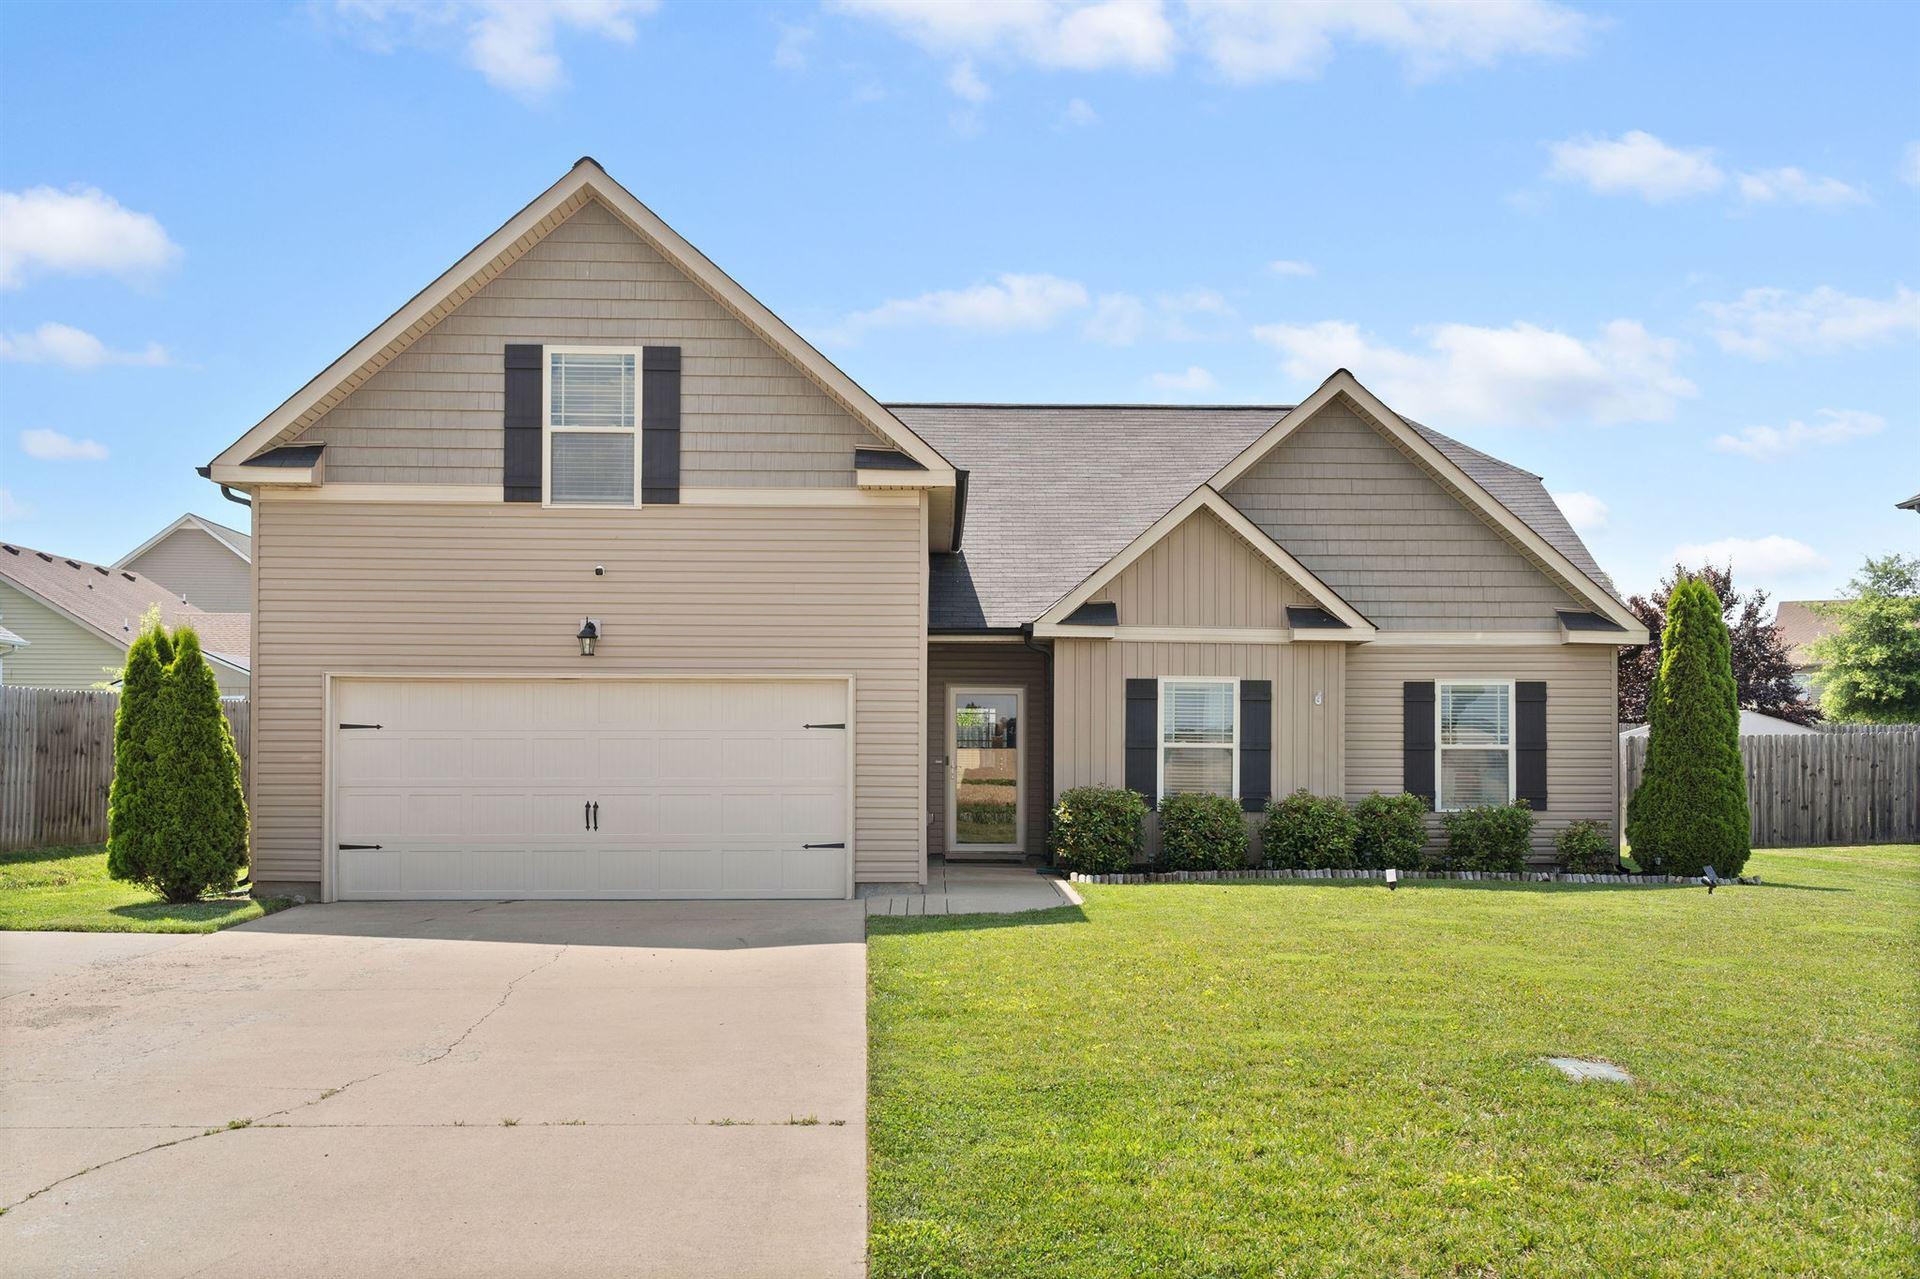 2336 Pea Ridge Rd, Clarksville, TN 37040 - MLS#: 2264288